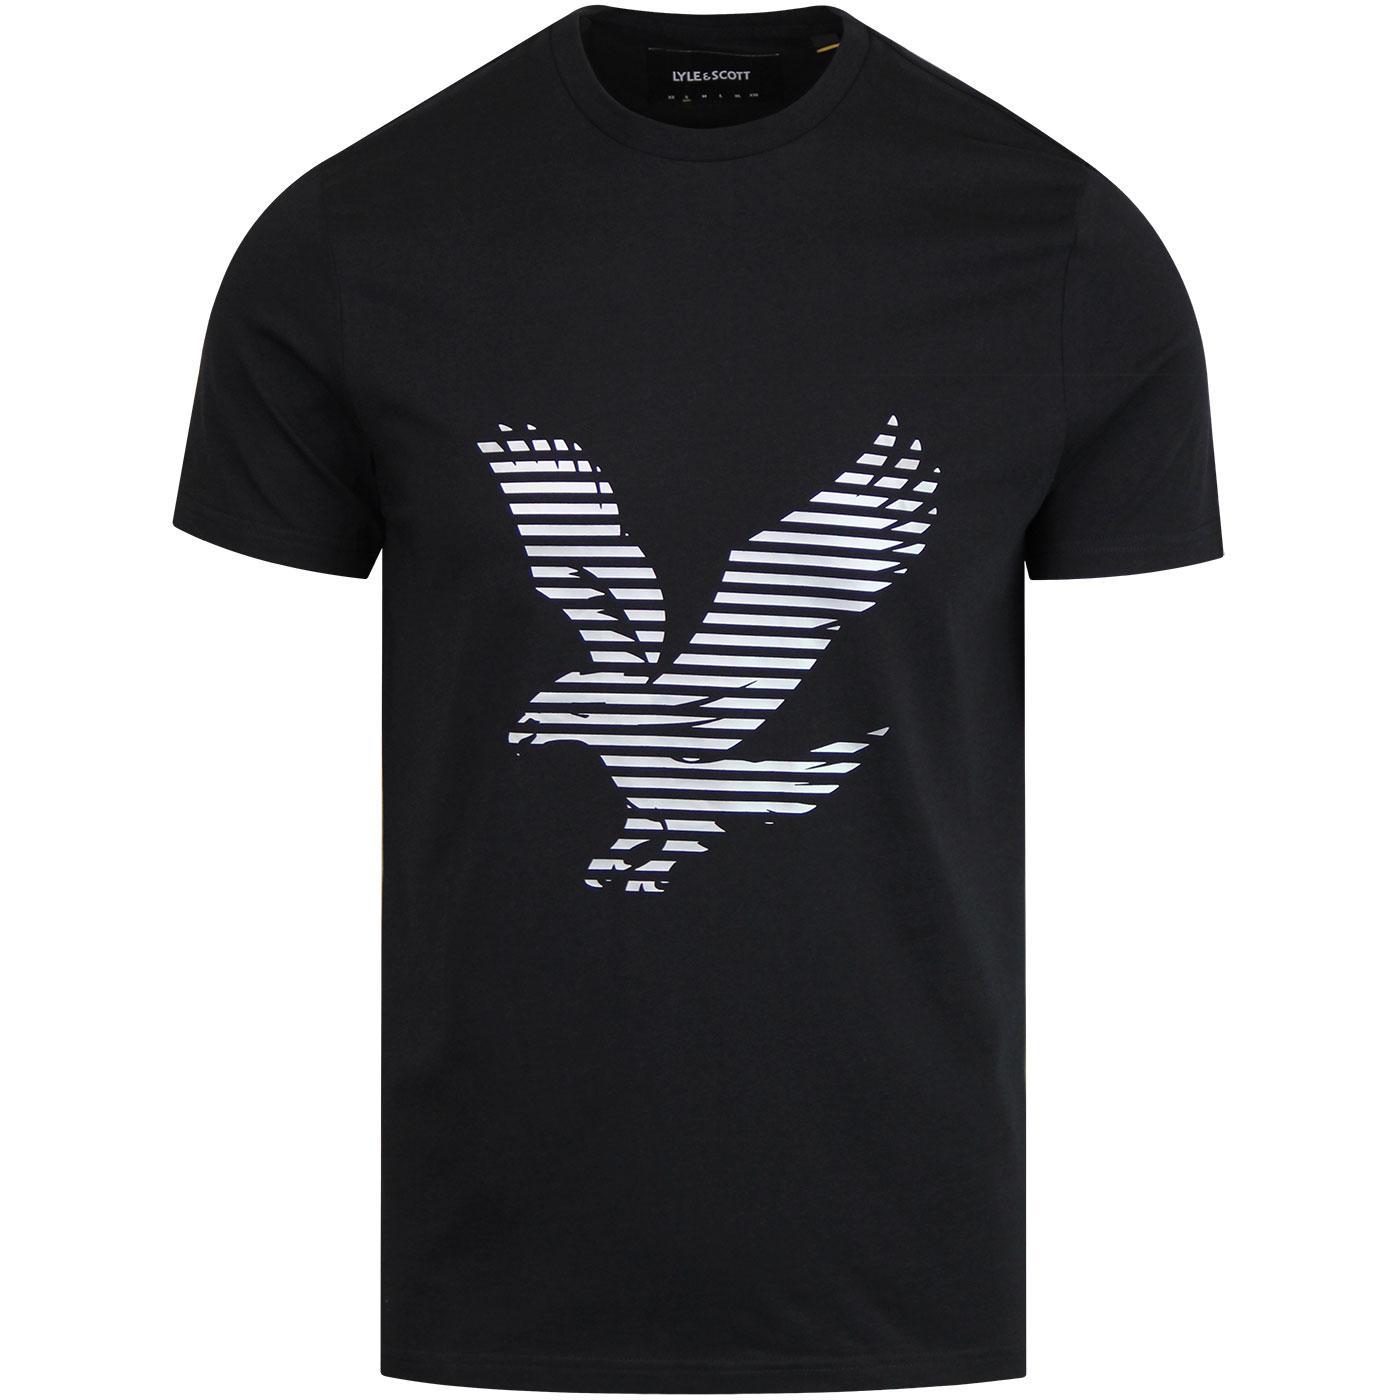 LYLE & SCOTT Casuals Retro Logo Tee - True Black